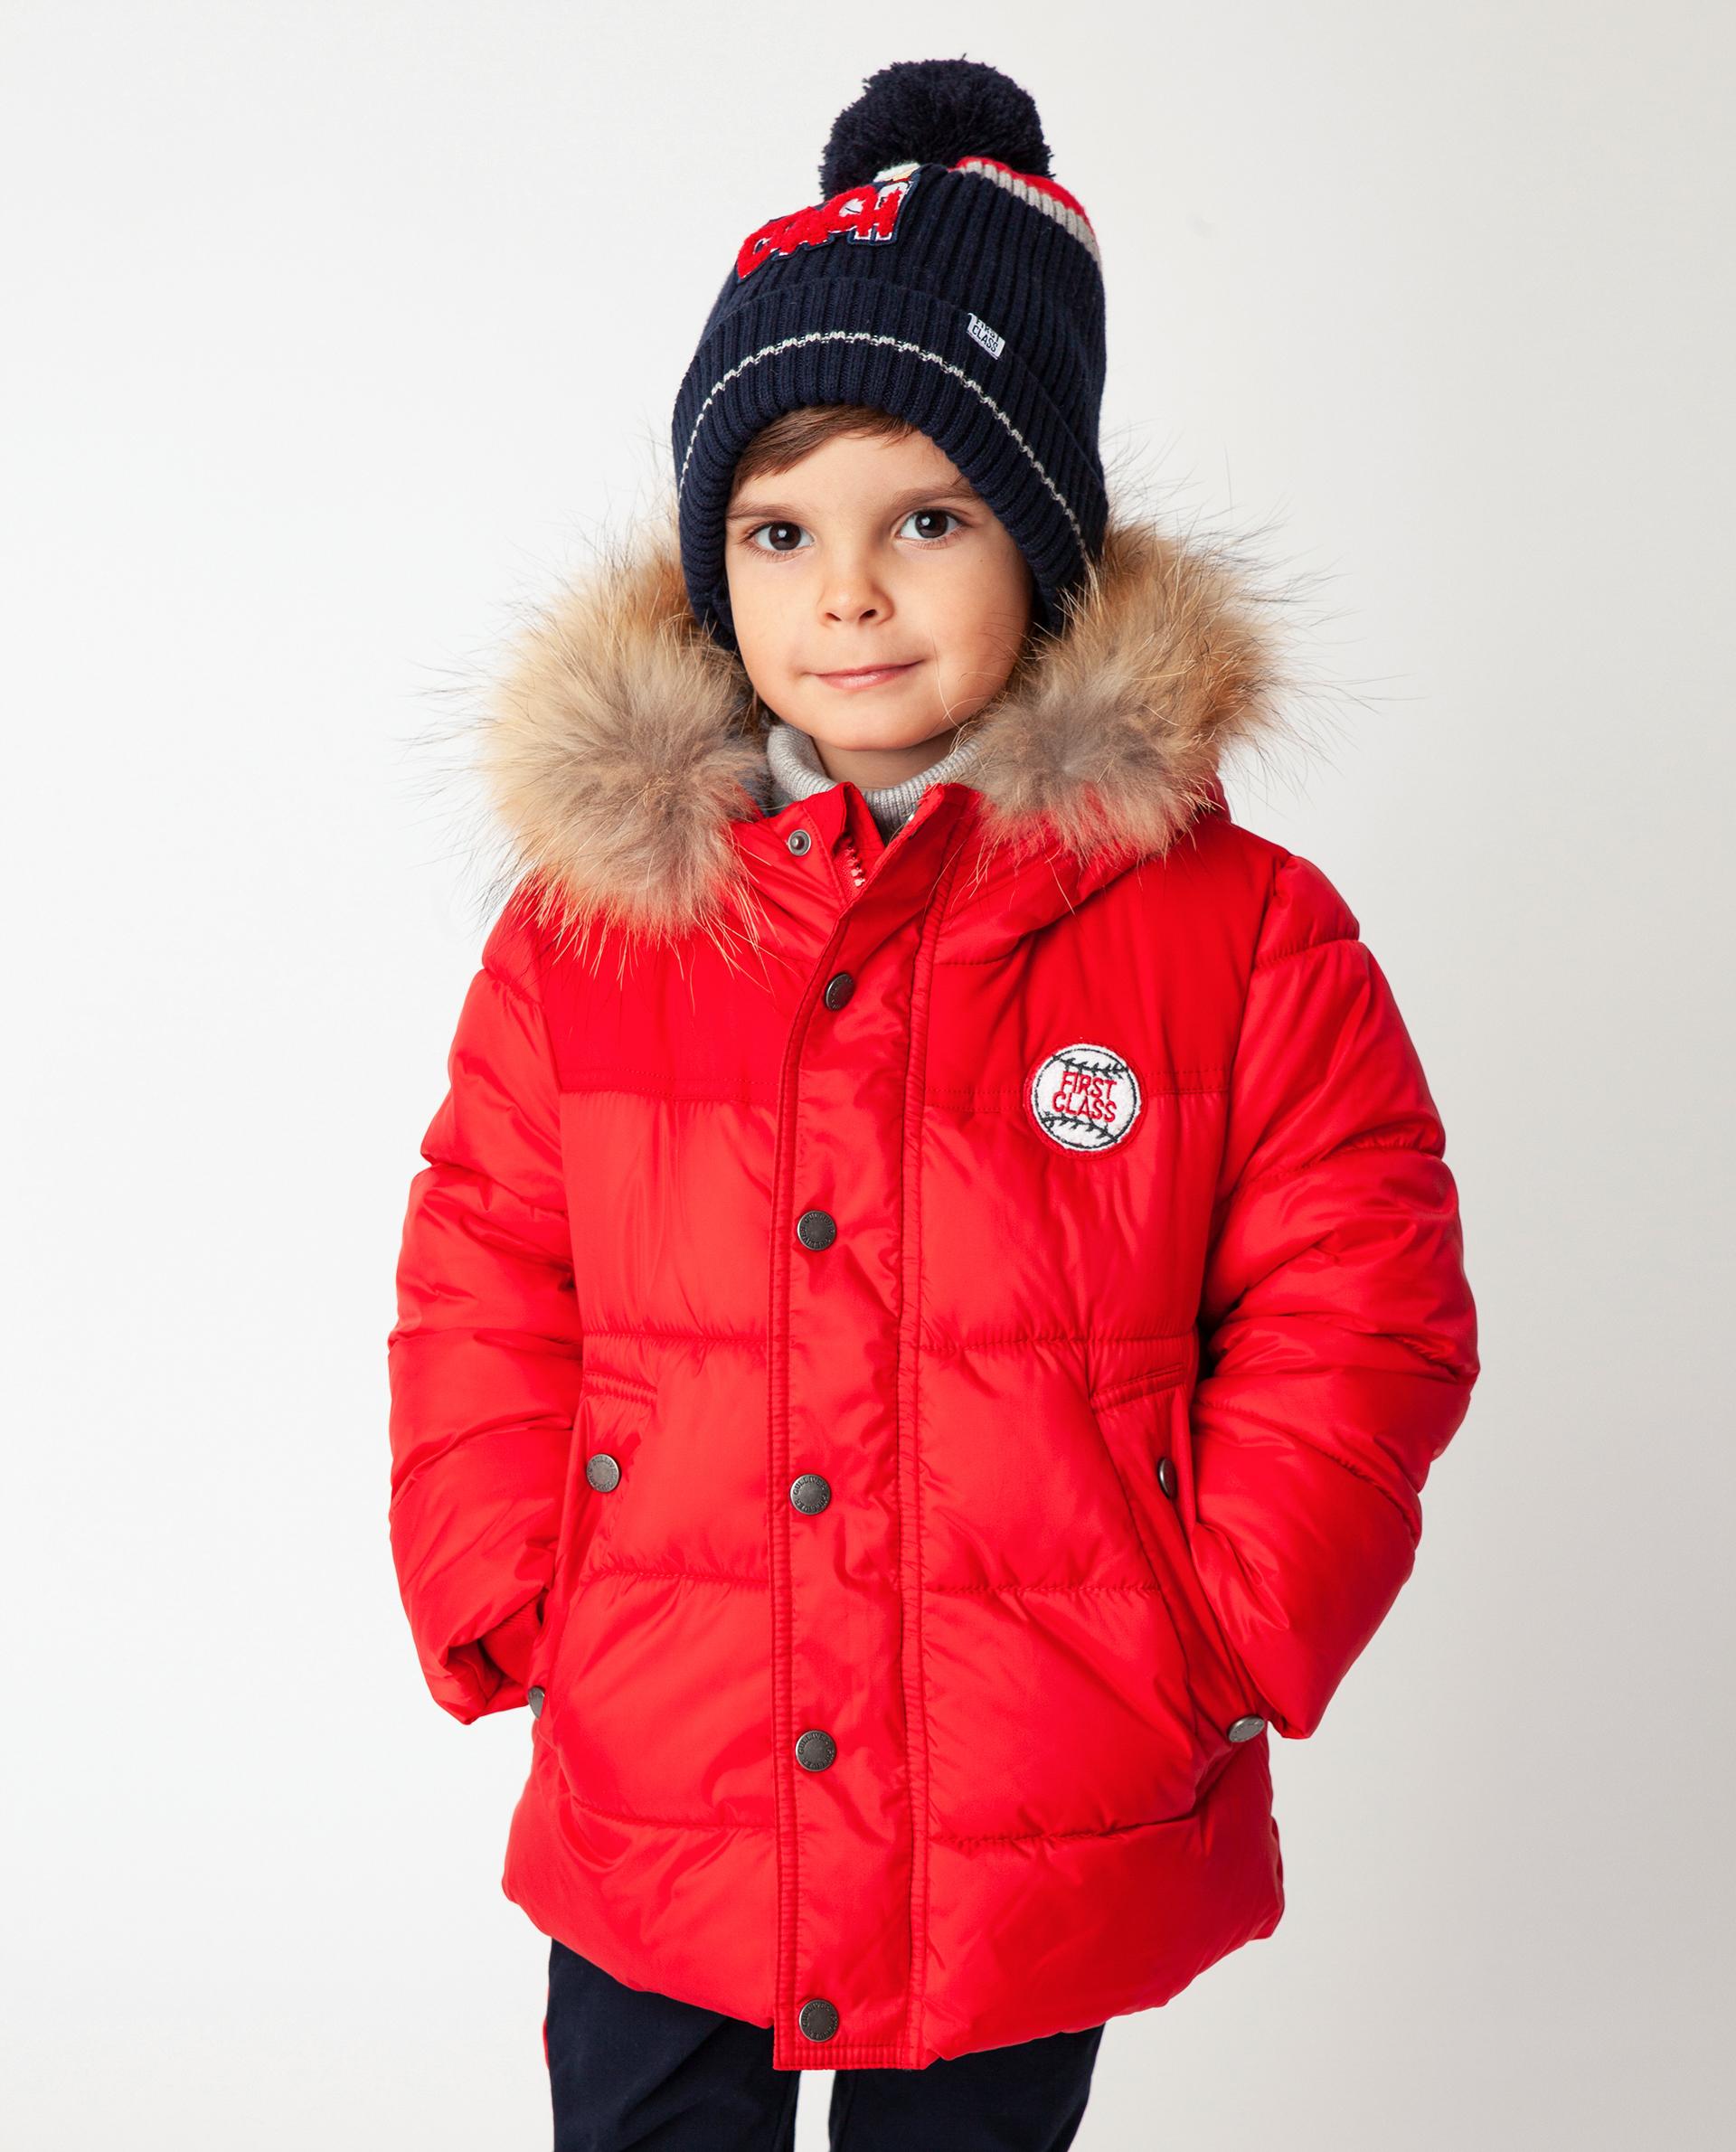 Купить 22005BMC4104, Красная куртка зимняя Gulliver, красный, Полиэстер, Мужской, Зима, ОСЕНЬ/ЗИМА 2020-2021 (shop: GulliverMarket Gulliver Market)